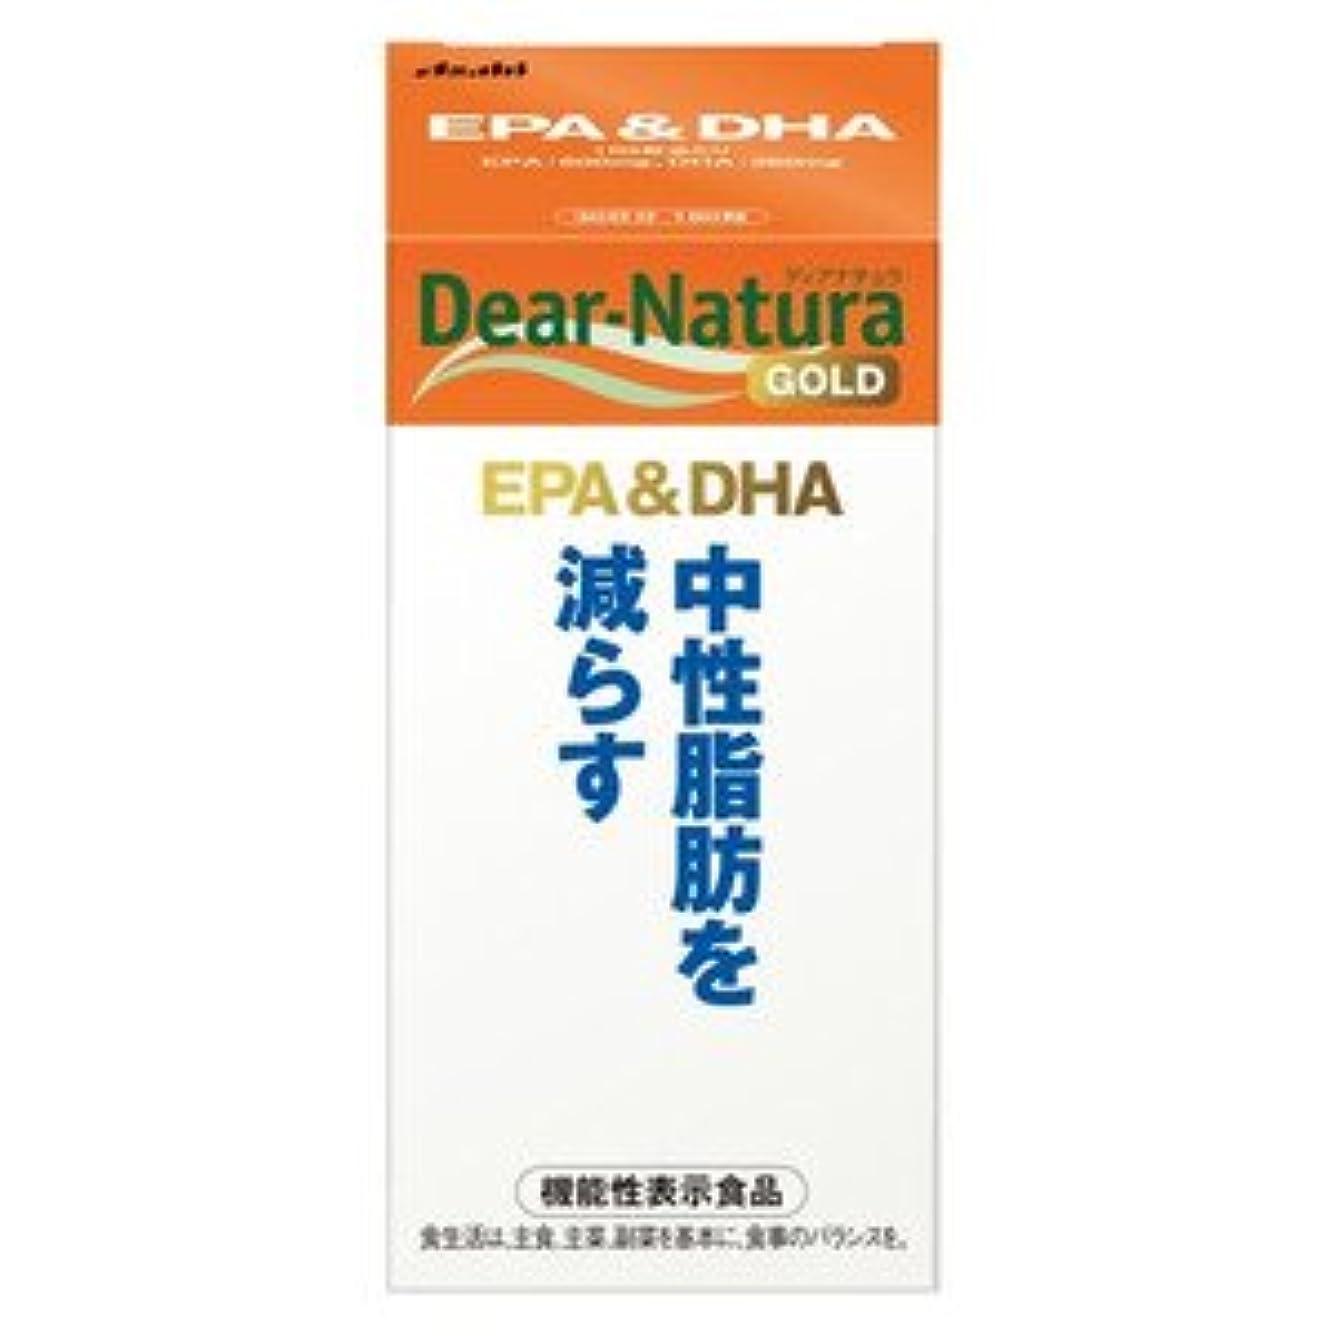 溶けた自分アクセサリー(アサヒフード&ヘルスケア)ディアナチュラゴールド EPA&DHA 30日分 180粒(お買い得3個セット)